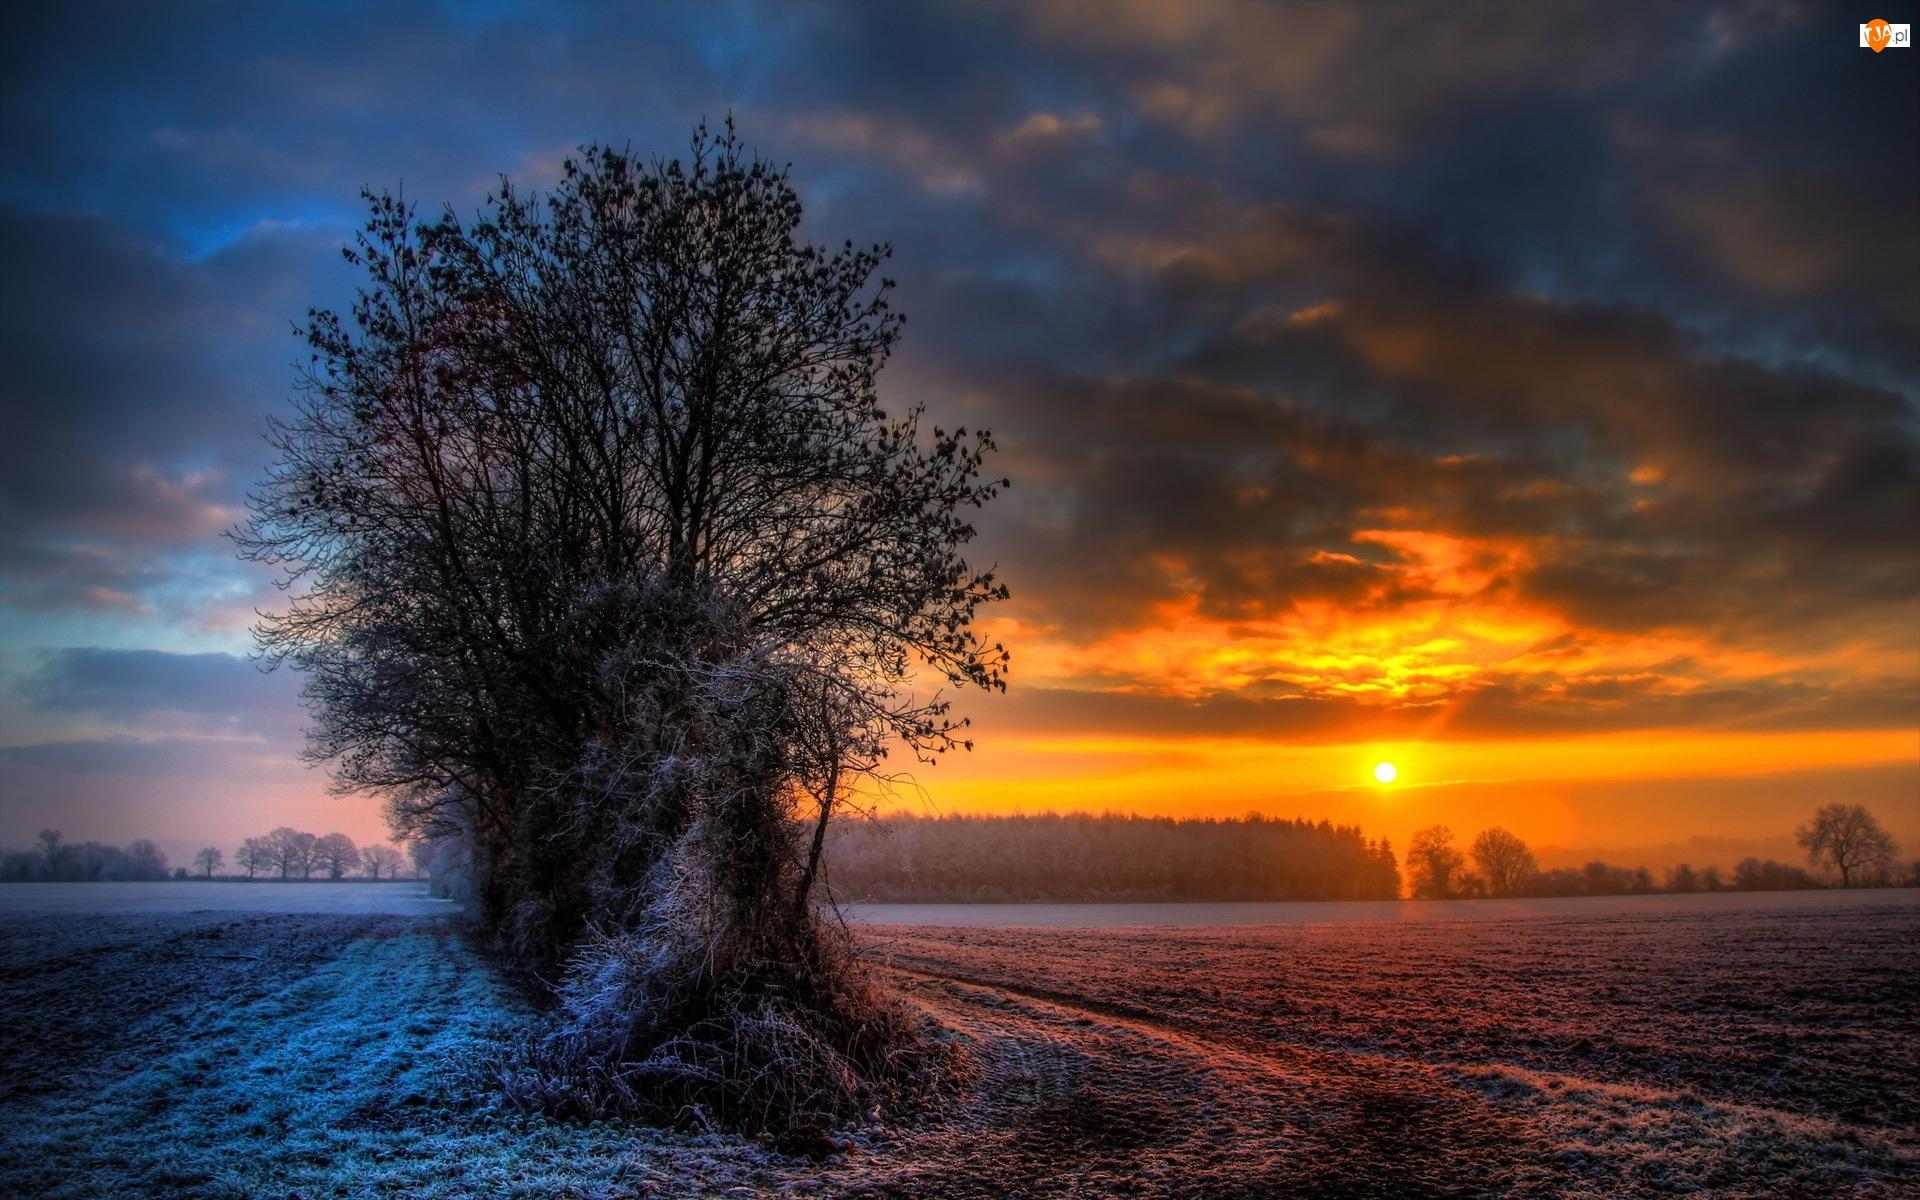 Szadź, Drzewa, Zachód, Pole, Słońca